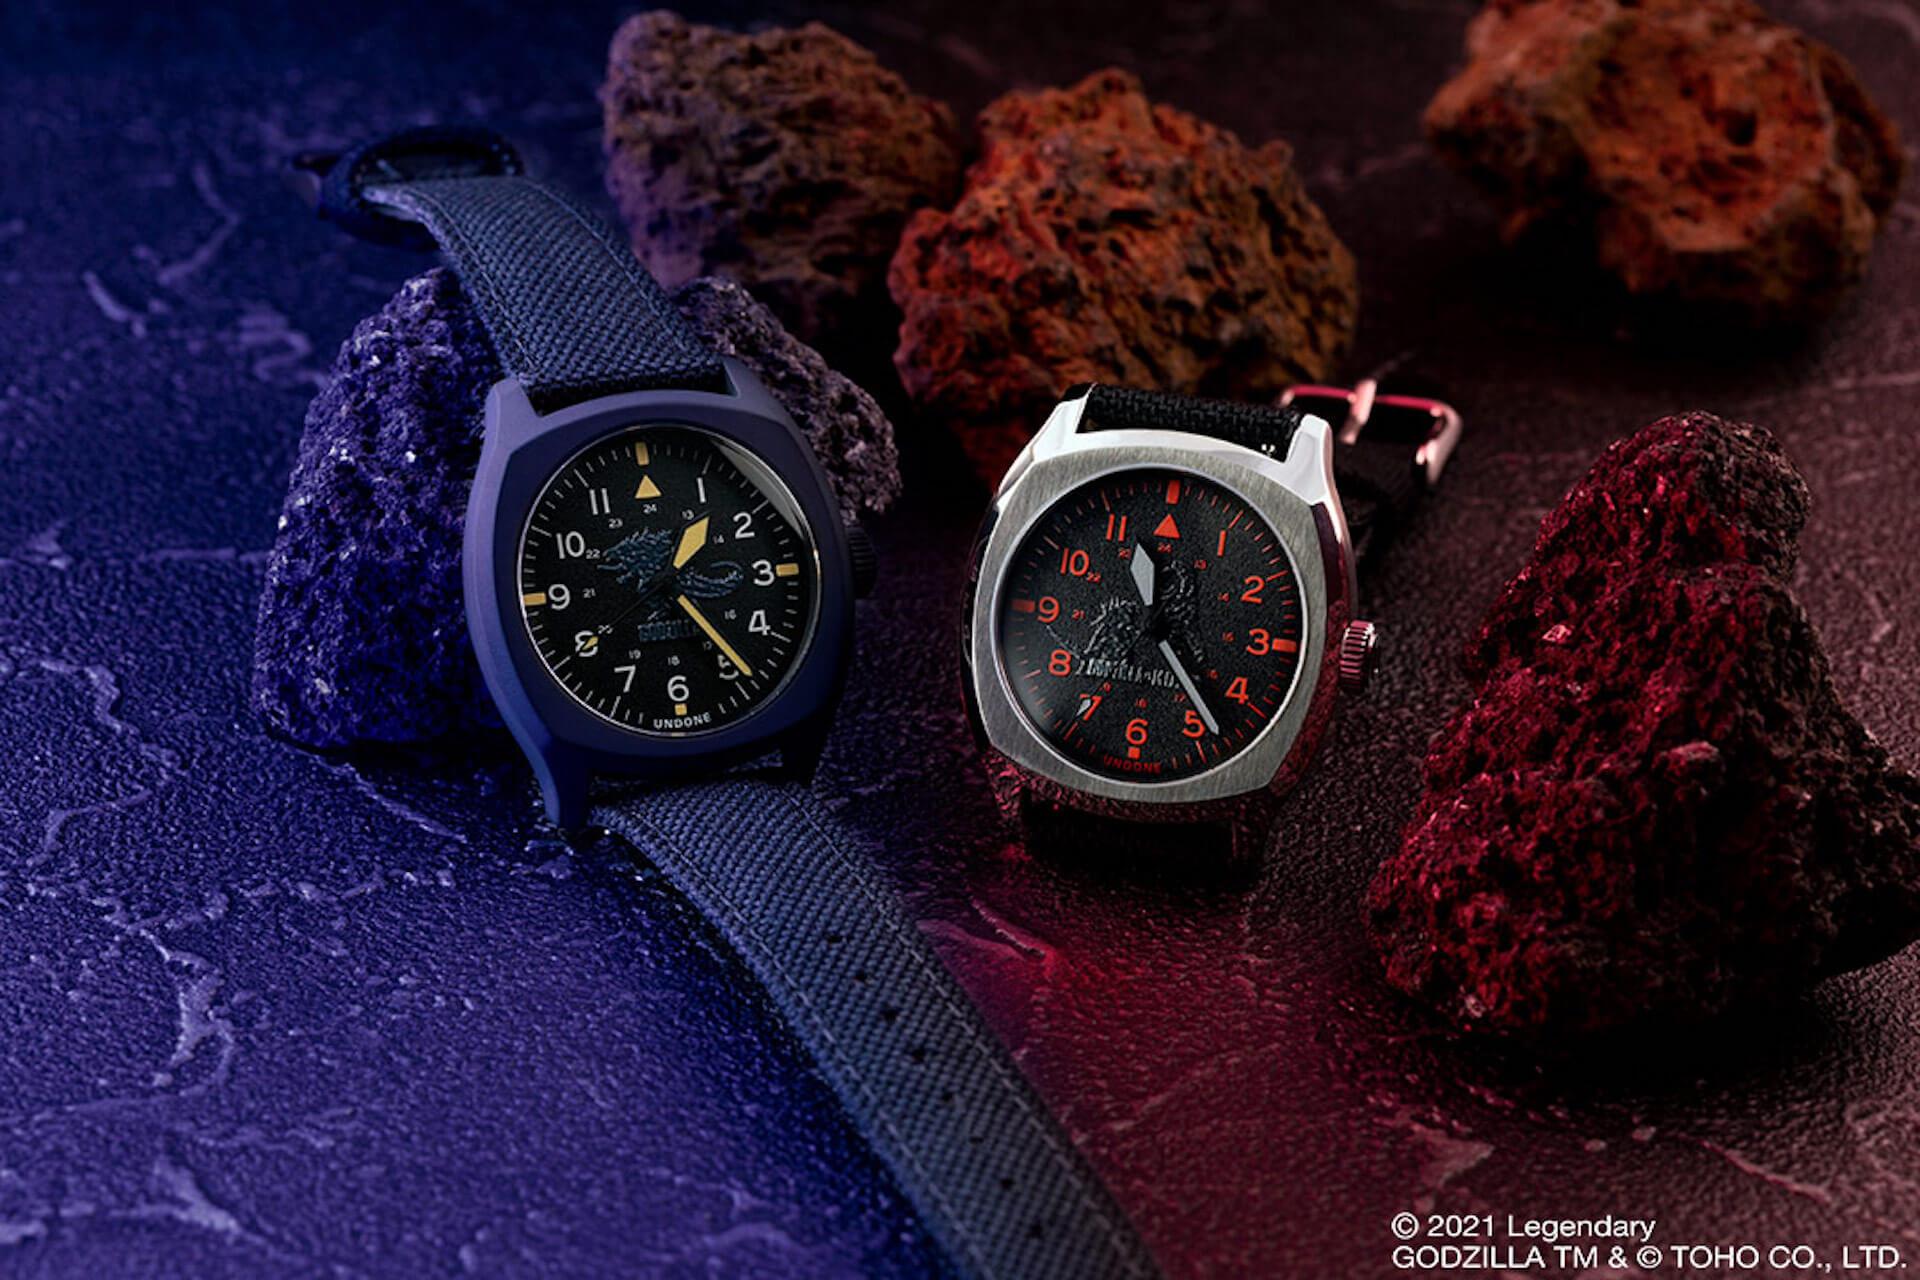 ゴジラとキングコングが腕時計に!UNDONEと『ゴジラvsコング』のコラボウォッチ2モデルが登場 tech210520_undone_godzilla_8